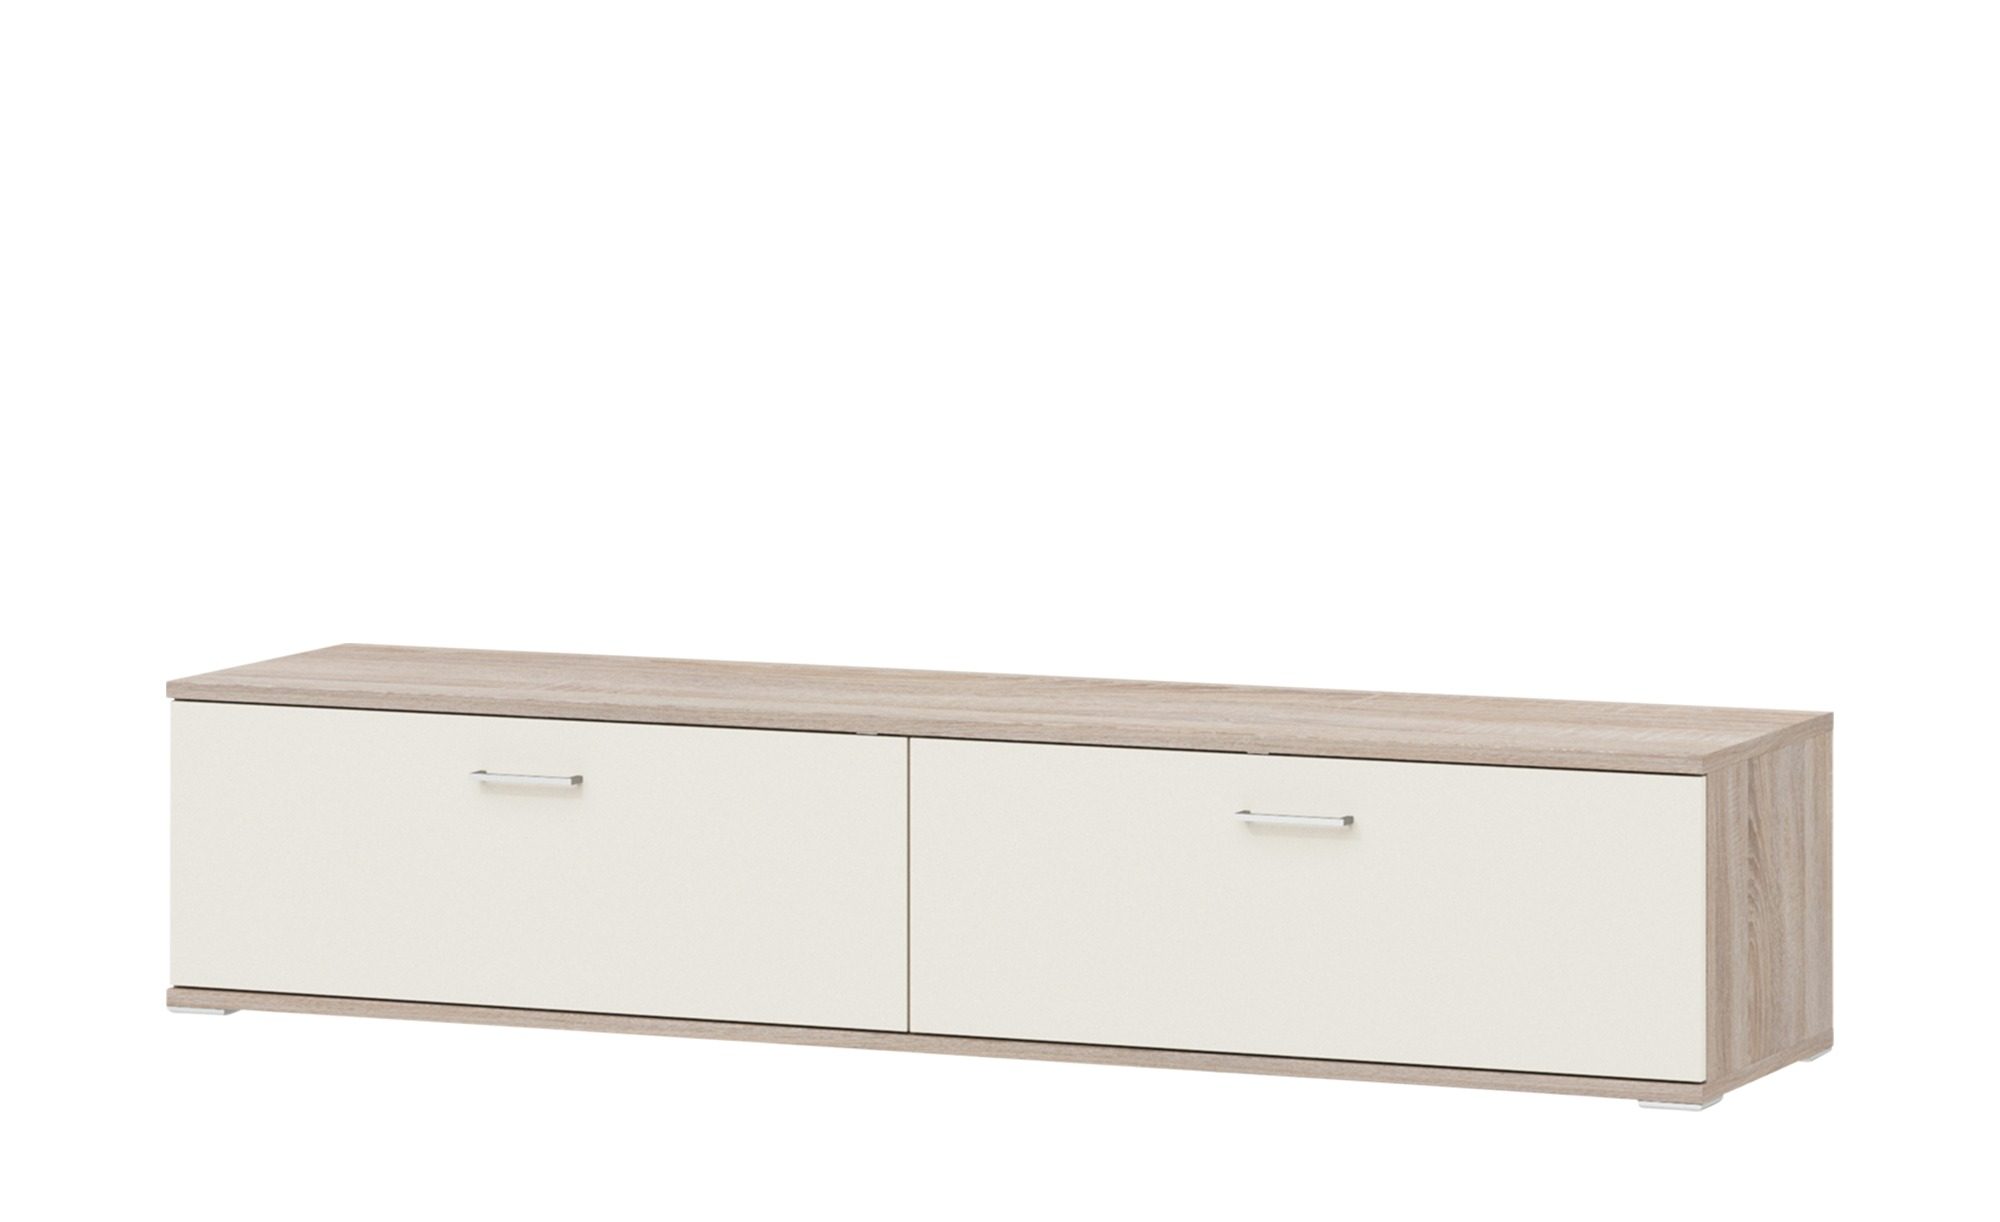 uno Lowboard  Onyx - 201 cm - 42 cm - 49 cm - Kommoden & Sideboards > Lowboards - Möbel Kraft | Wohnzimmer > Schränke > Lowboards | uno